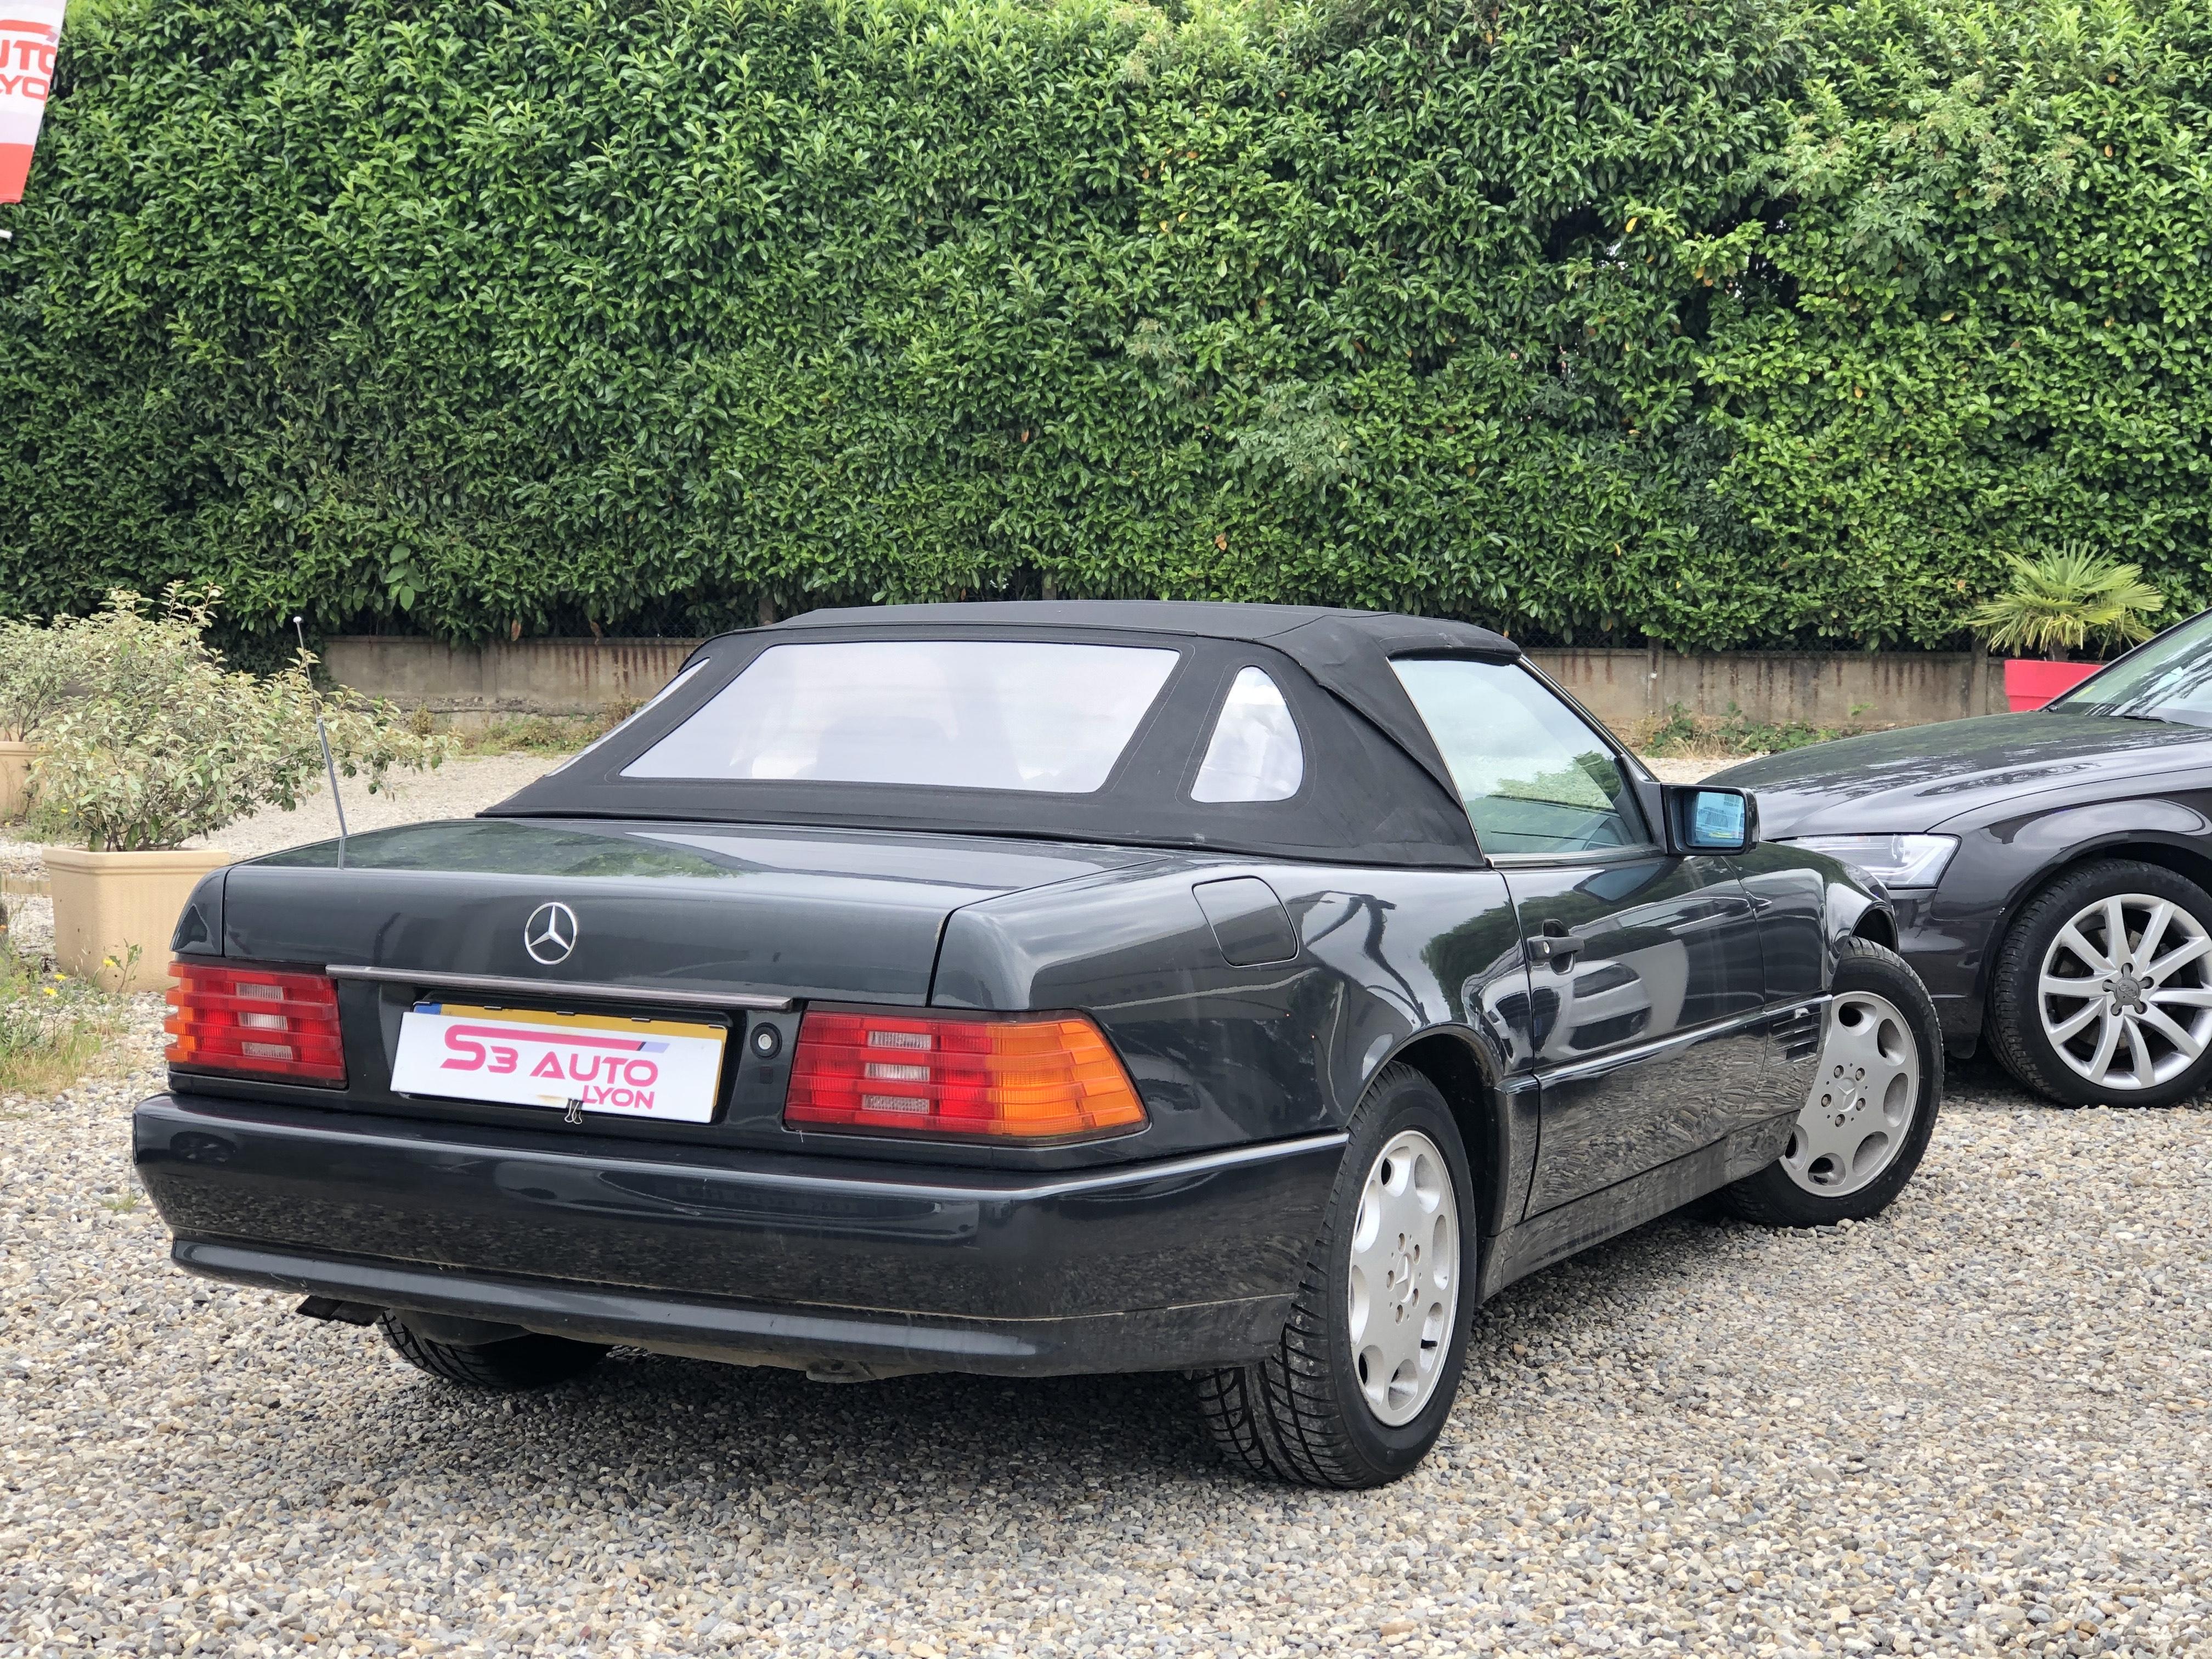 Mercedes-Benz SL SL300 R129 3 0 V6 190CV A SAISIR